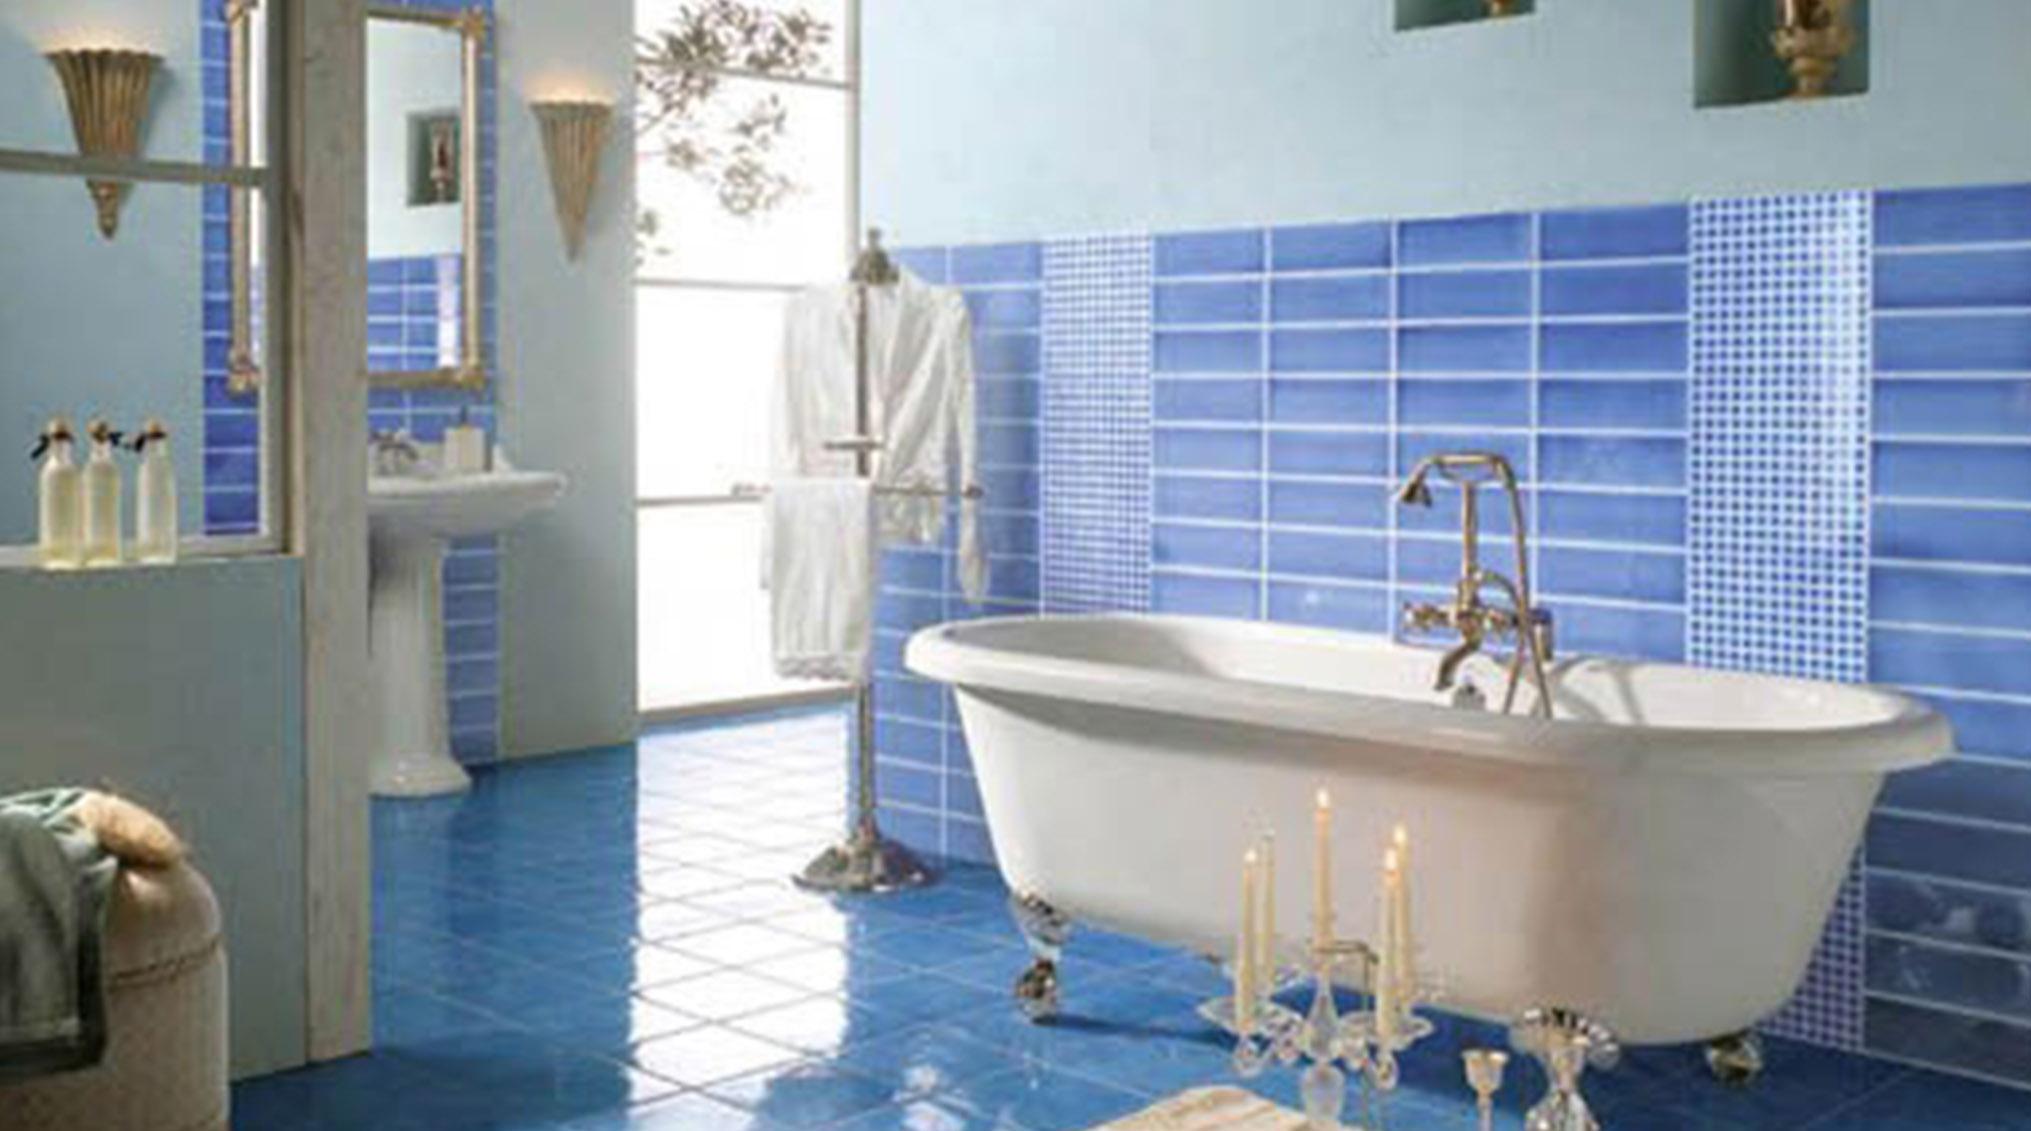 نکات مهم برای طراحی یک حمام زیبا